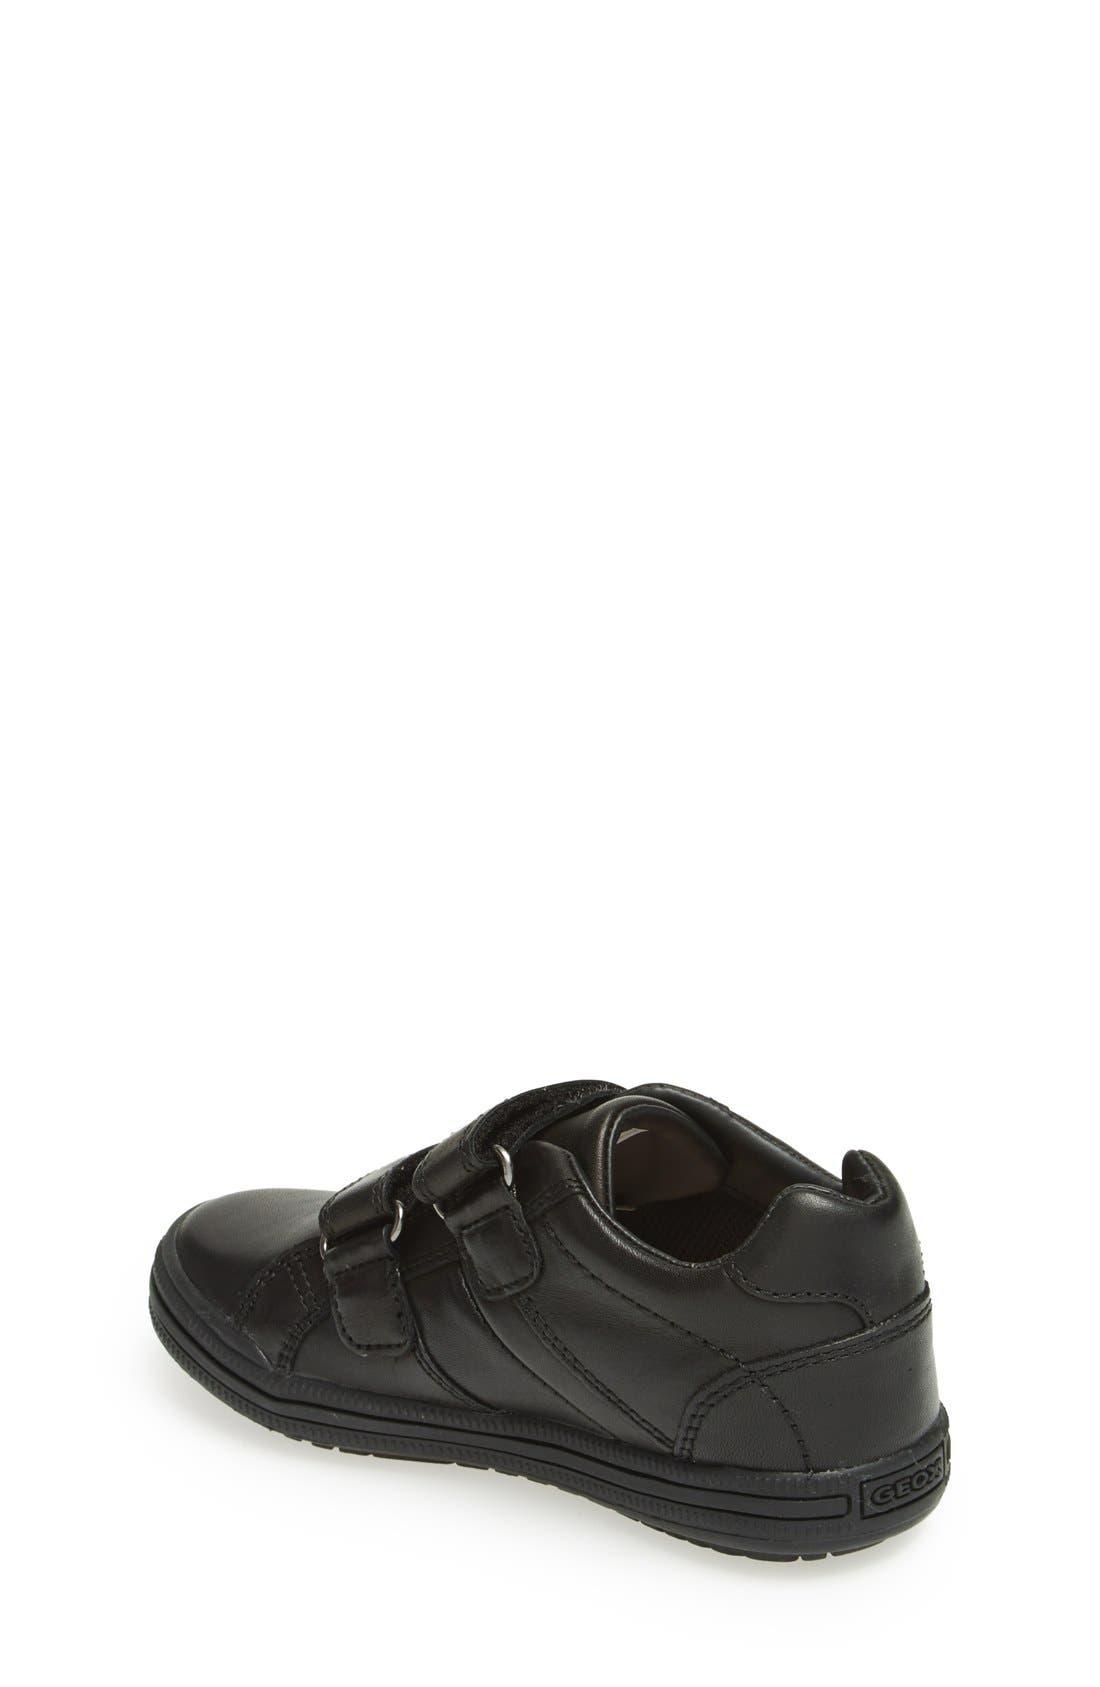 Elvis 25 Sneaker,                             Alternate thumbnail 4, color,                             BLACK